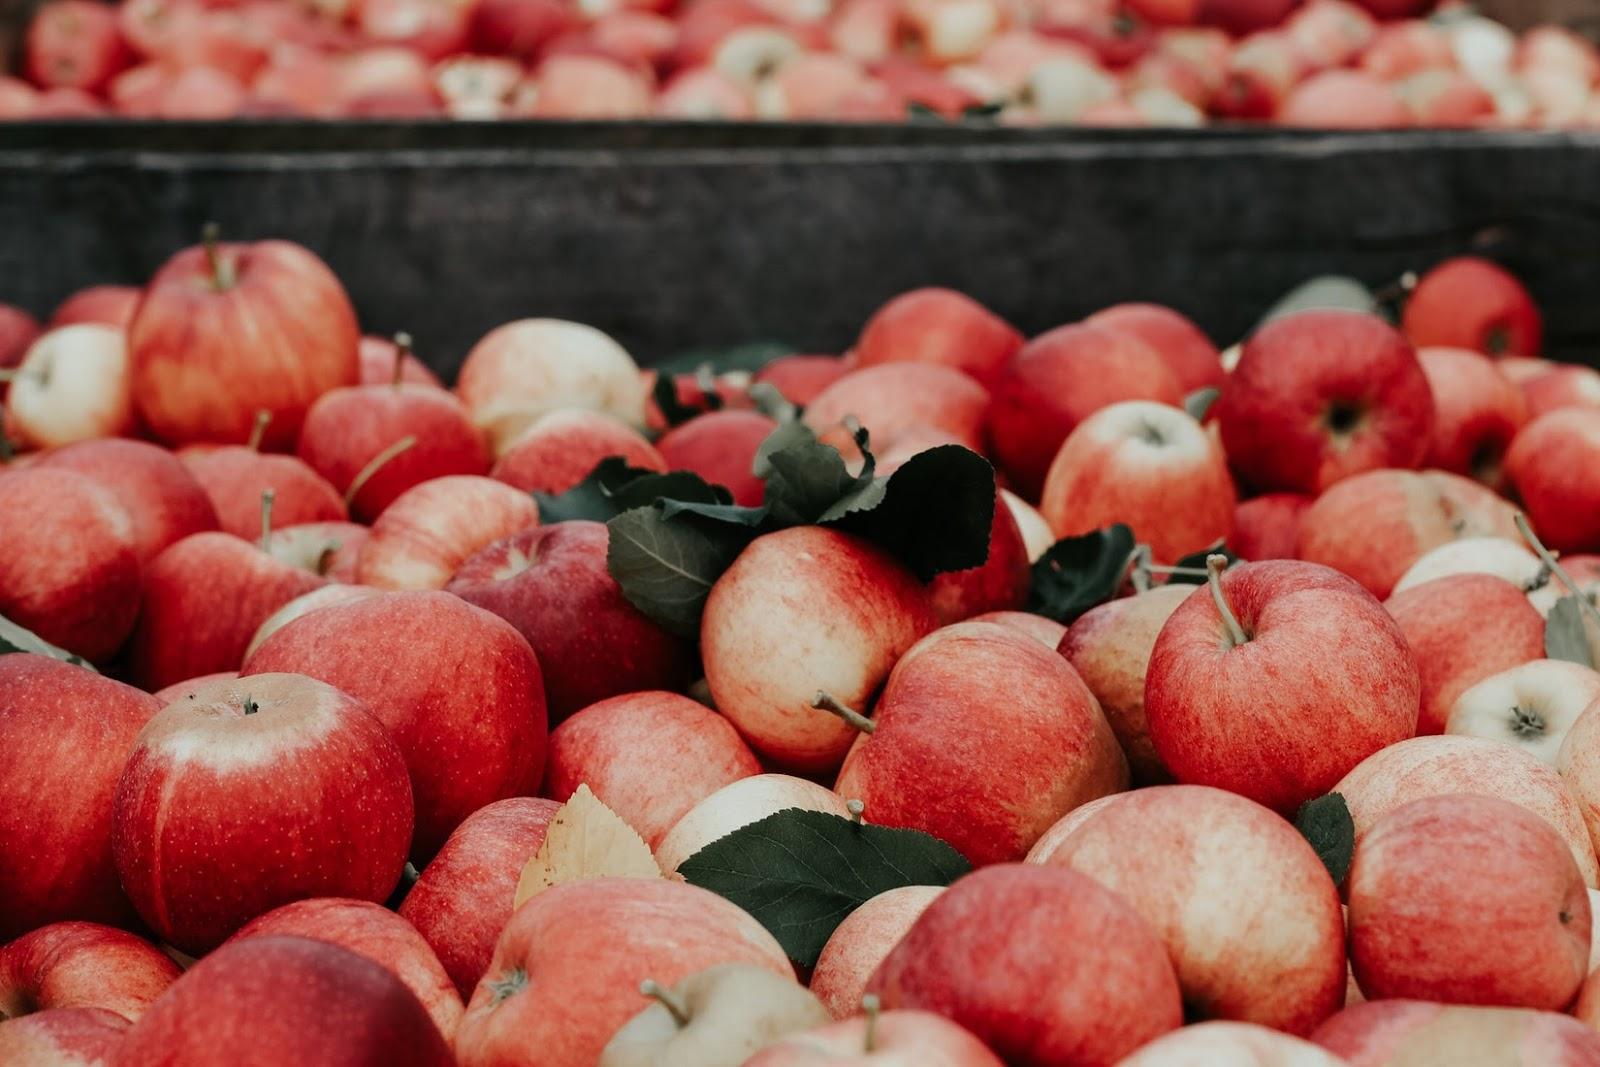 Apple Cider Vinegar Vs. White Vinegar: apples